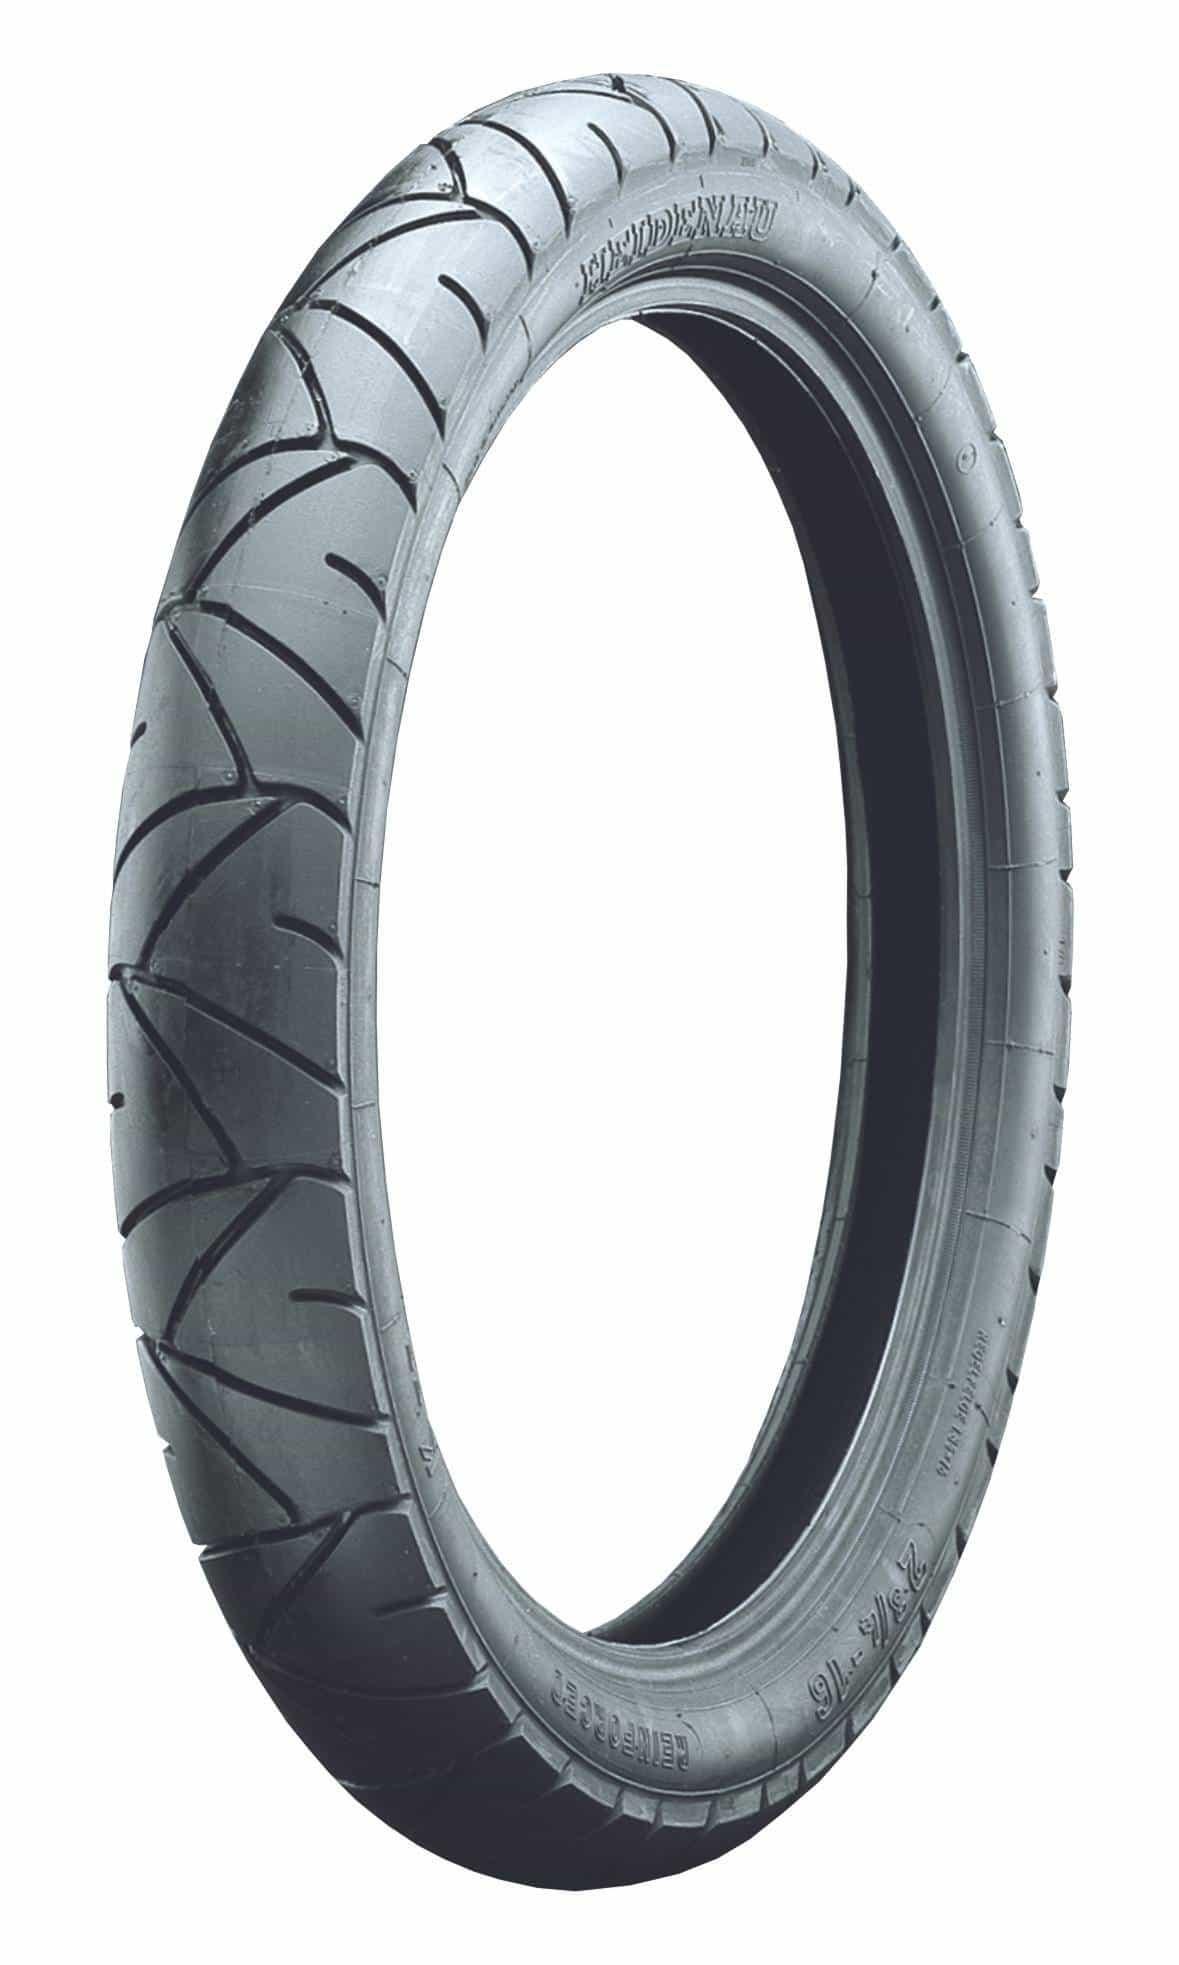 alt>K55R Heidenau Race Tires